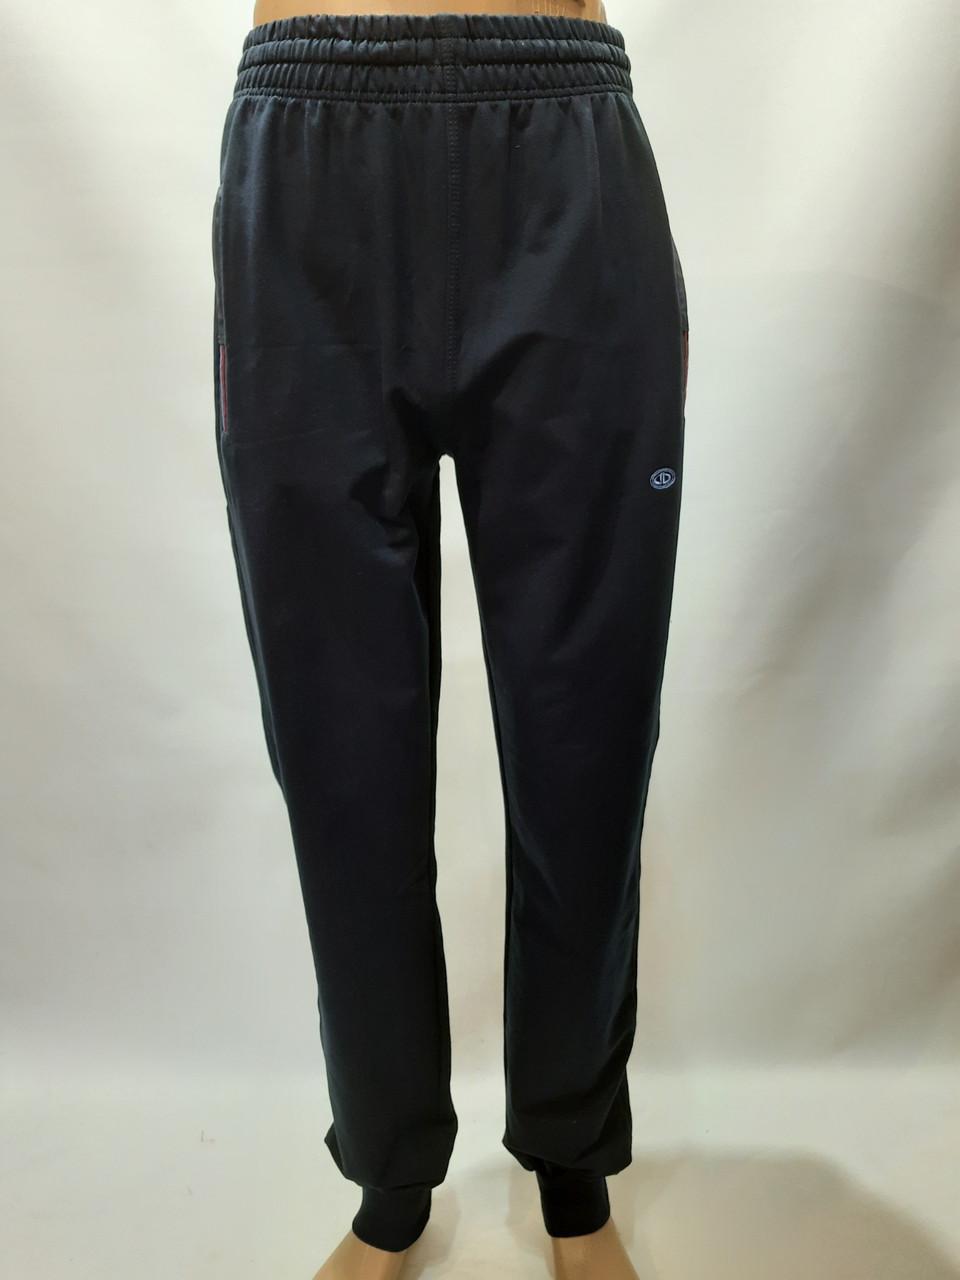 Спортивные штаны под манжет Billcee Р. L, xl, 2xl, 3xl темно-синие отличного качества